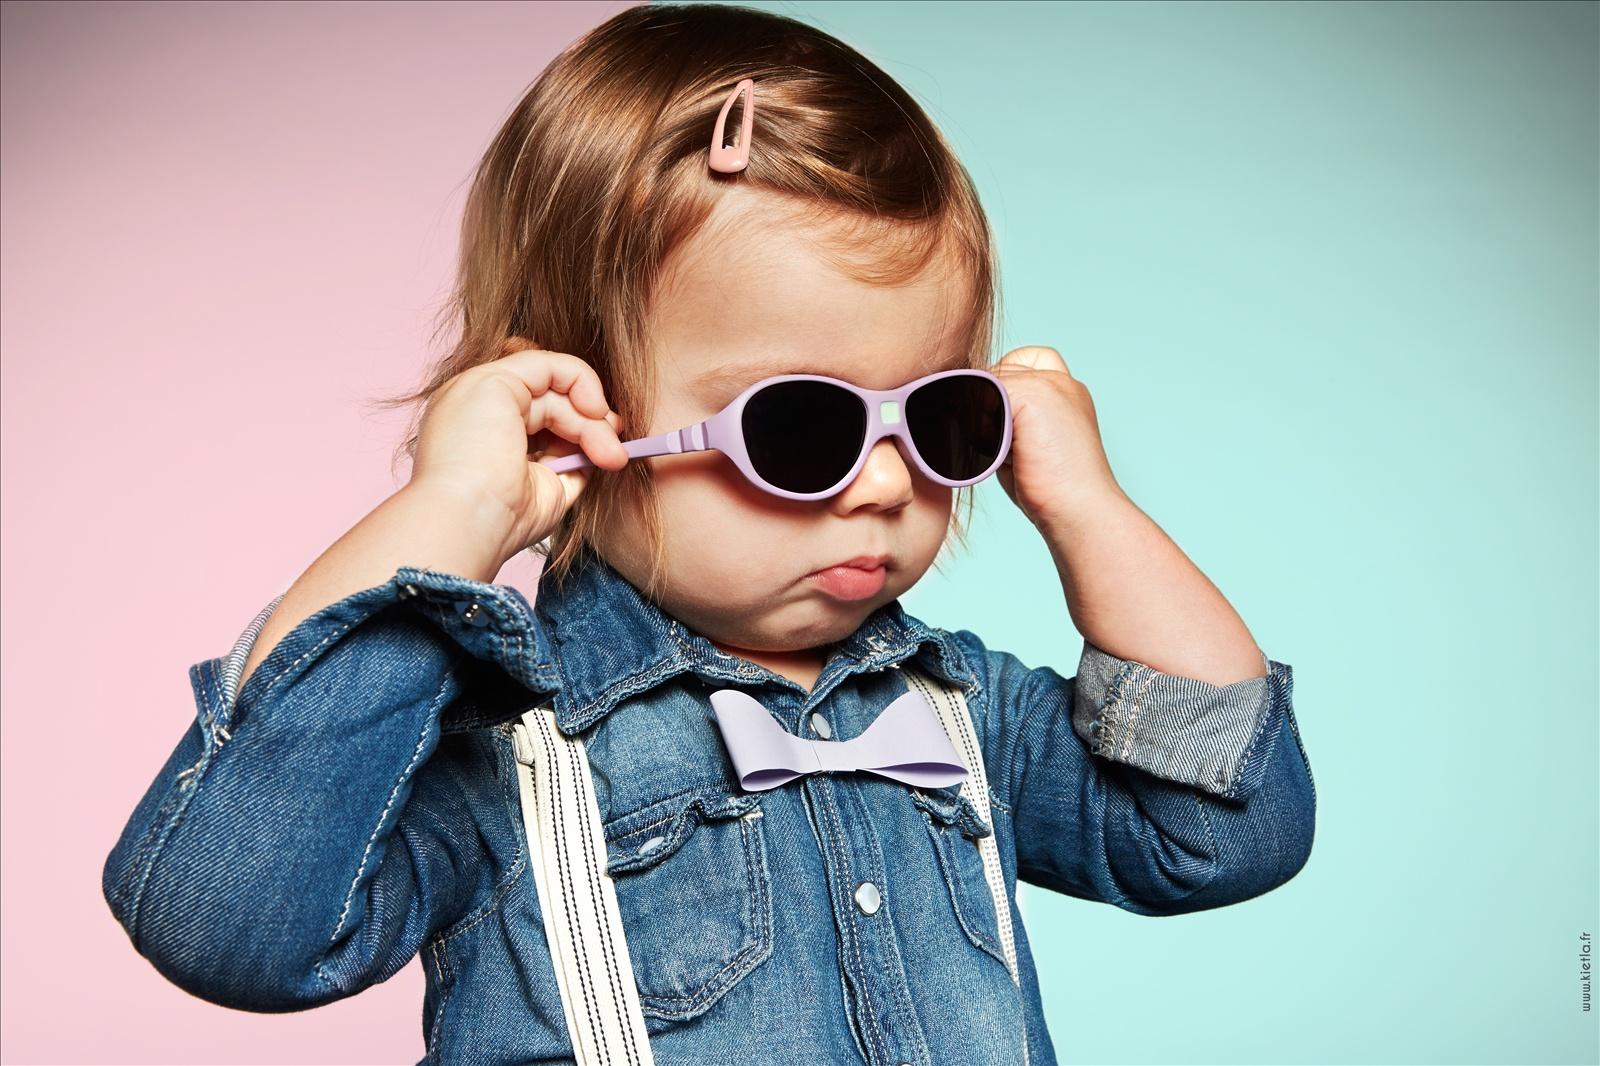 Смешные, картинки детей в очках смешные